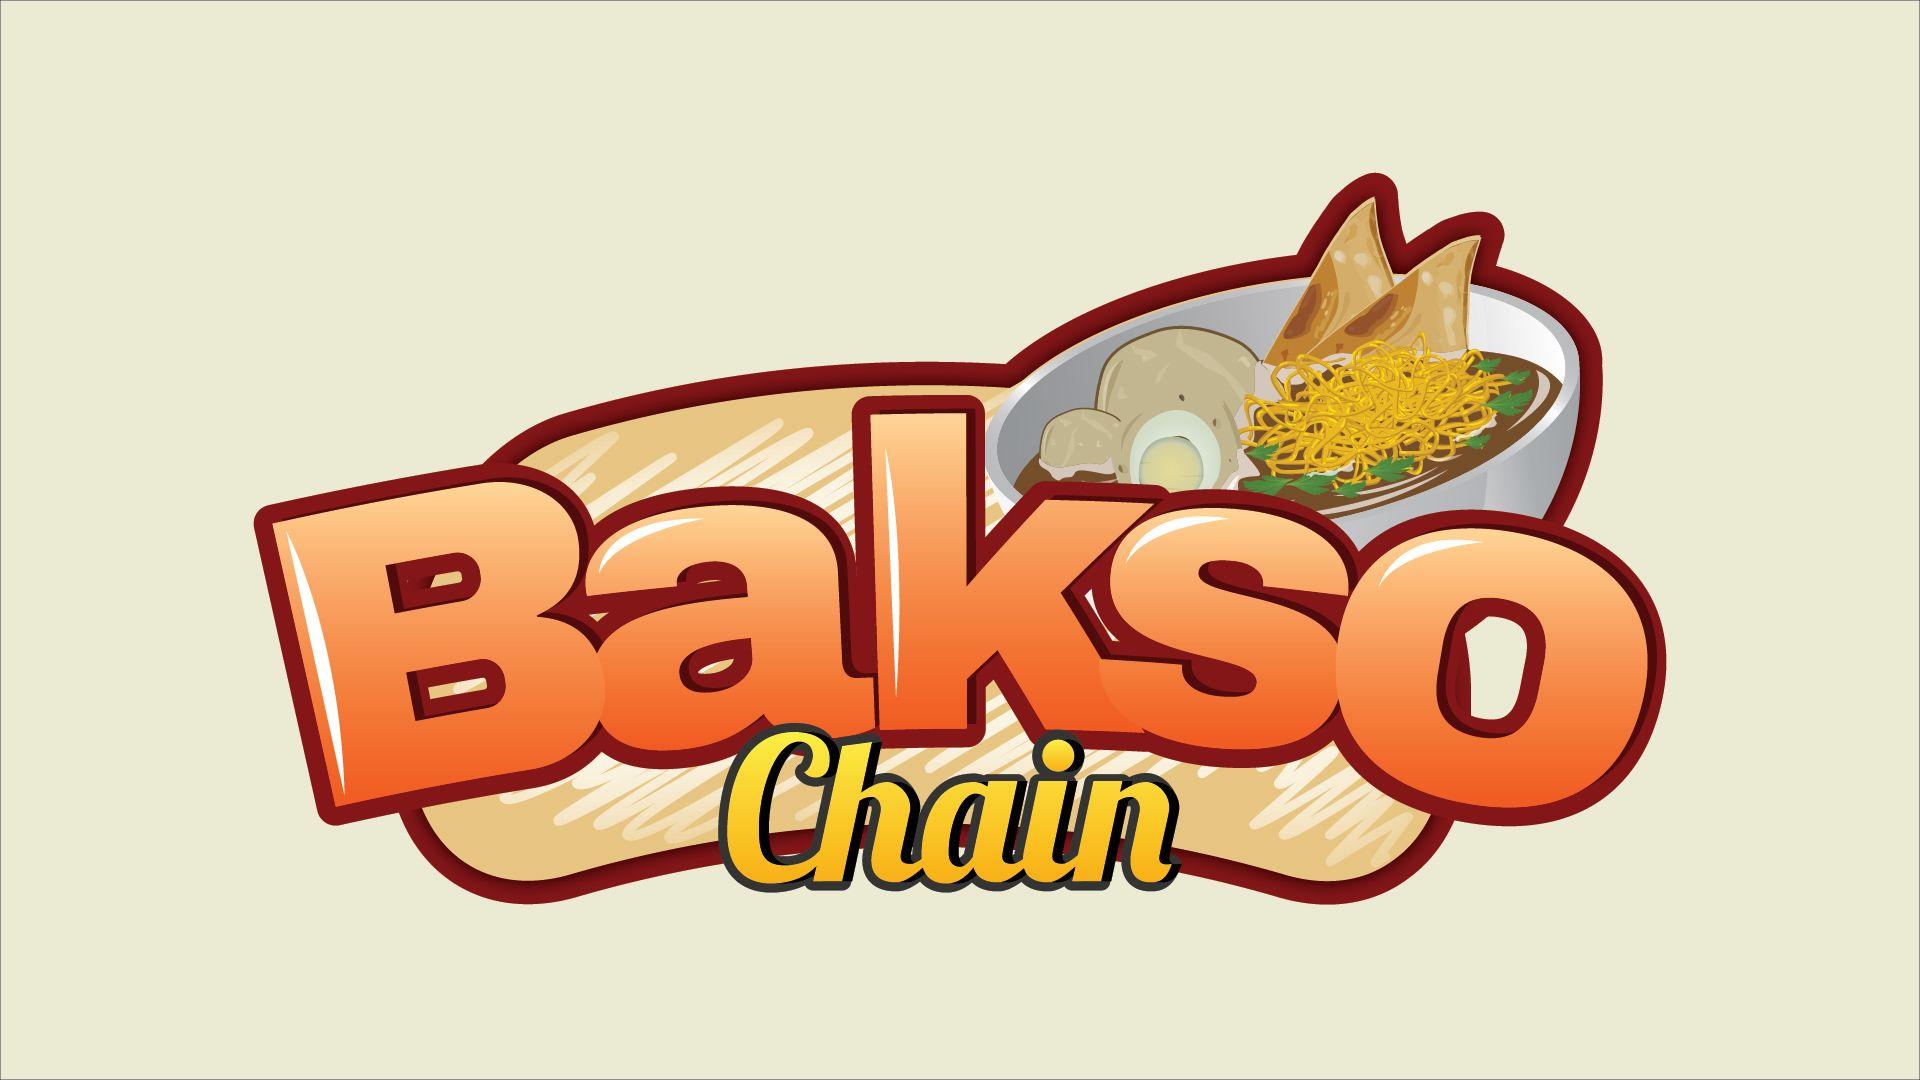 Bakso Chain merupakan game bertipe manajemen waktu yang